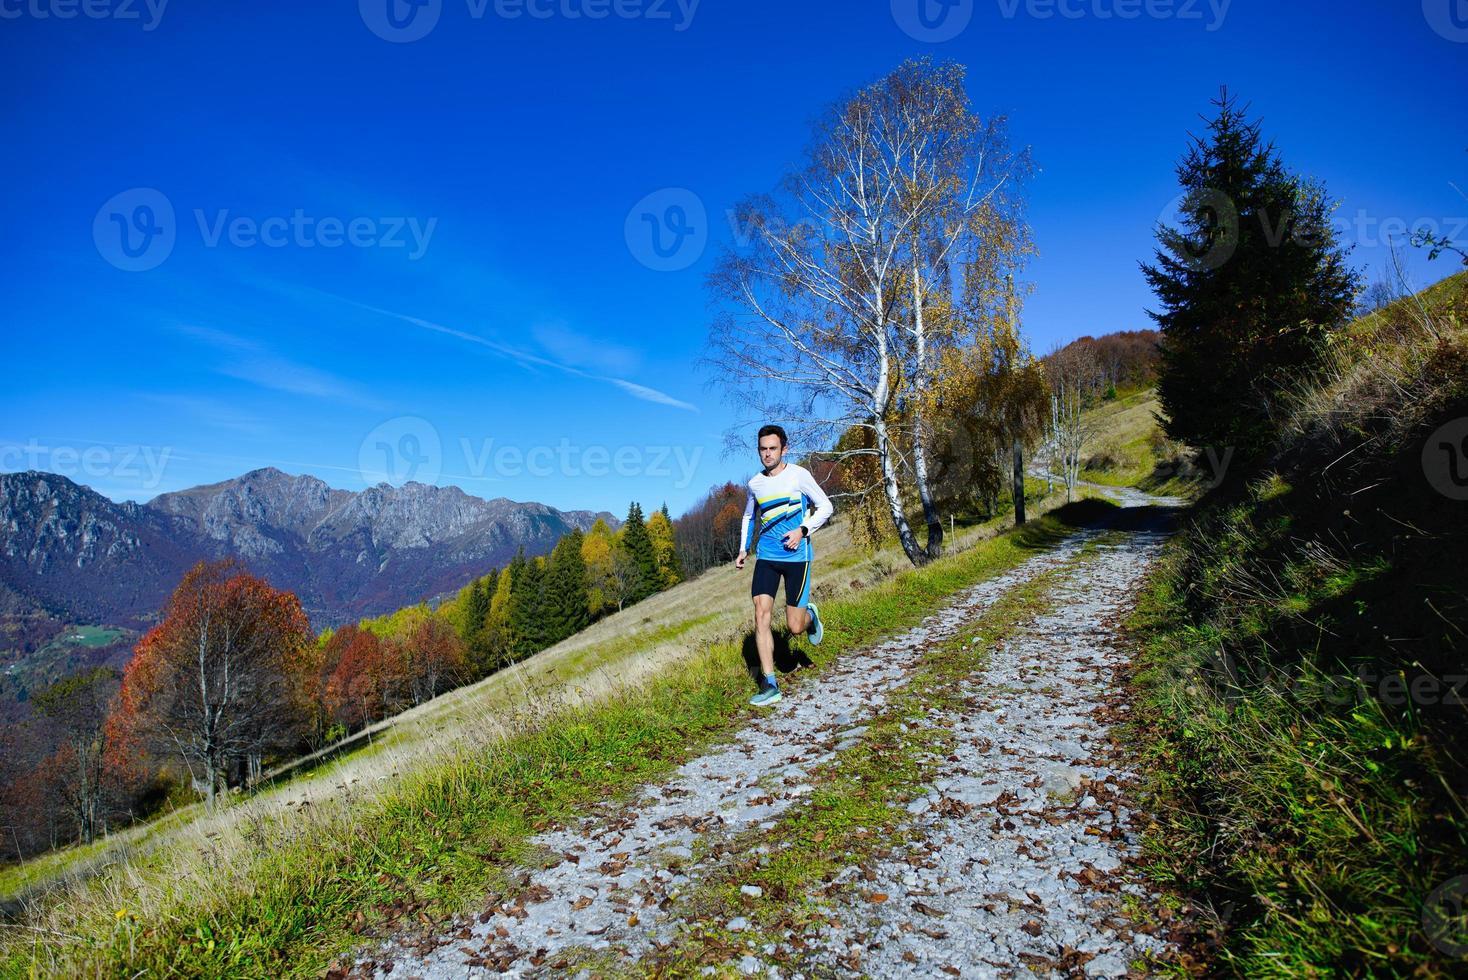 springa nedför på en grusväg på en kulle foto